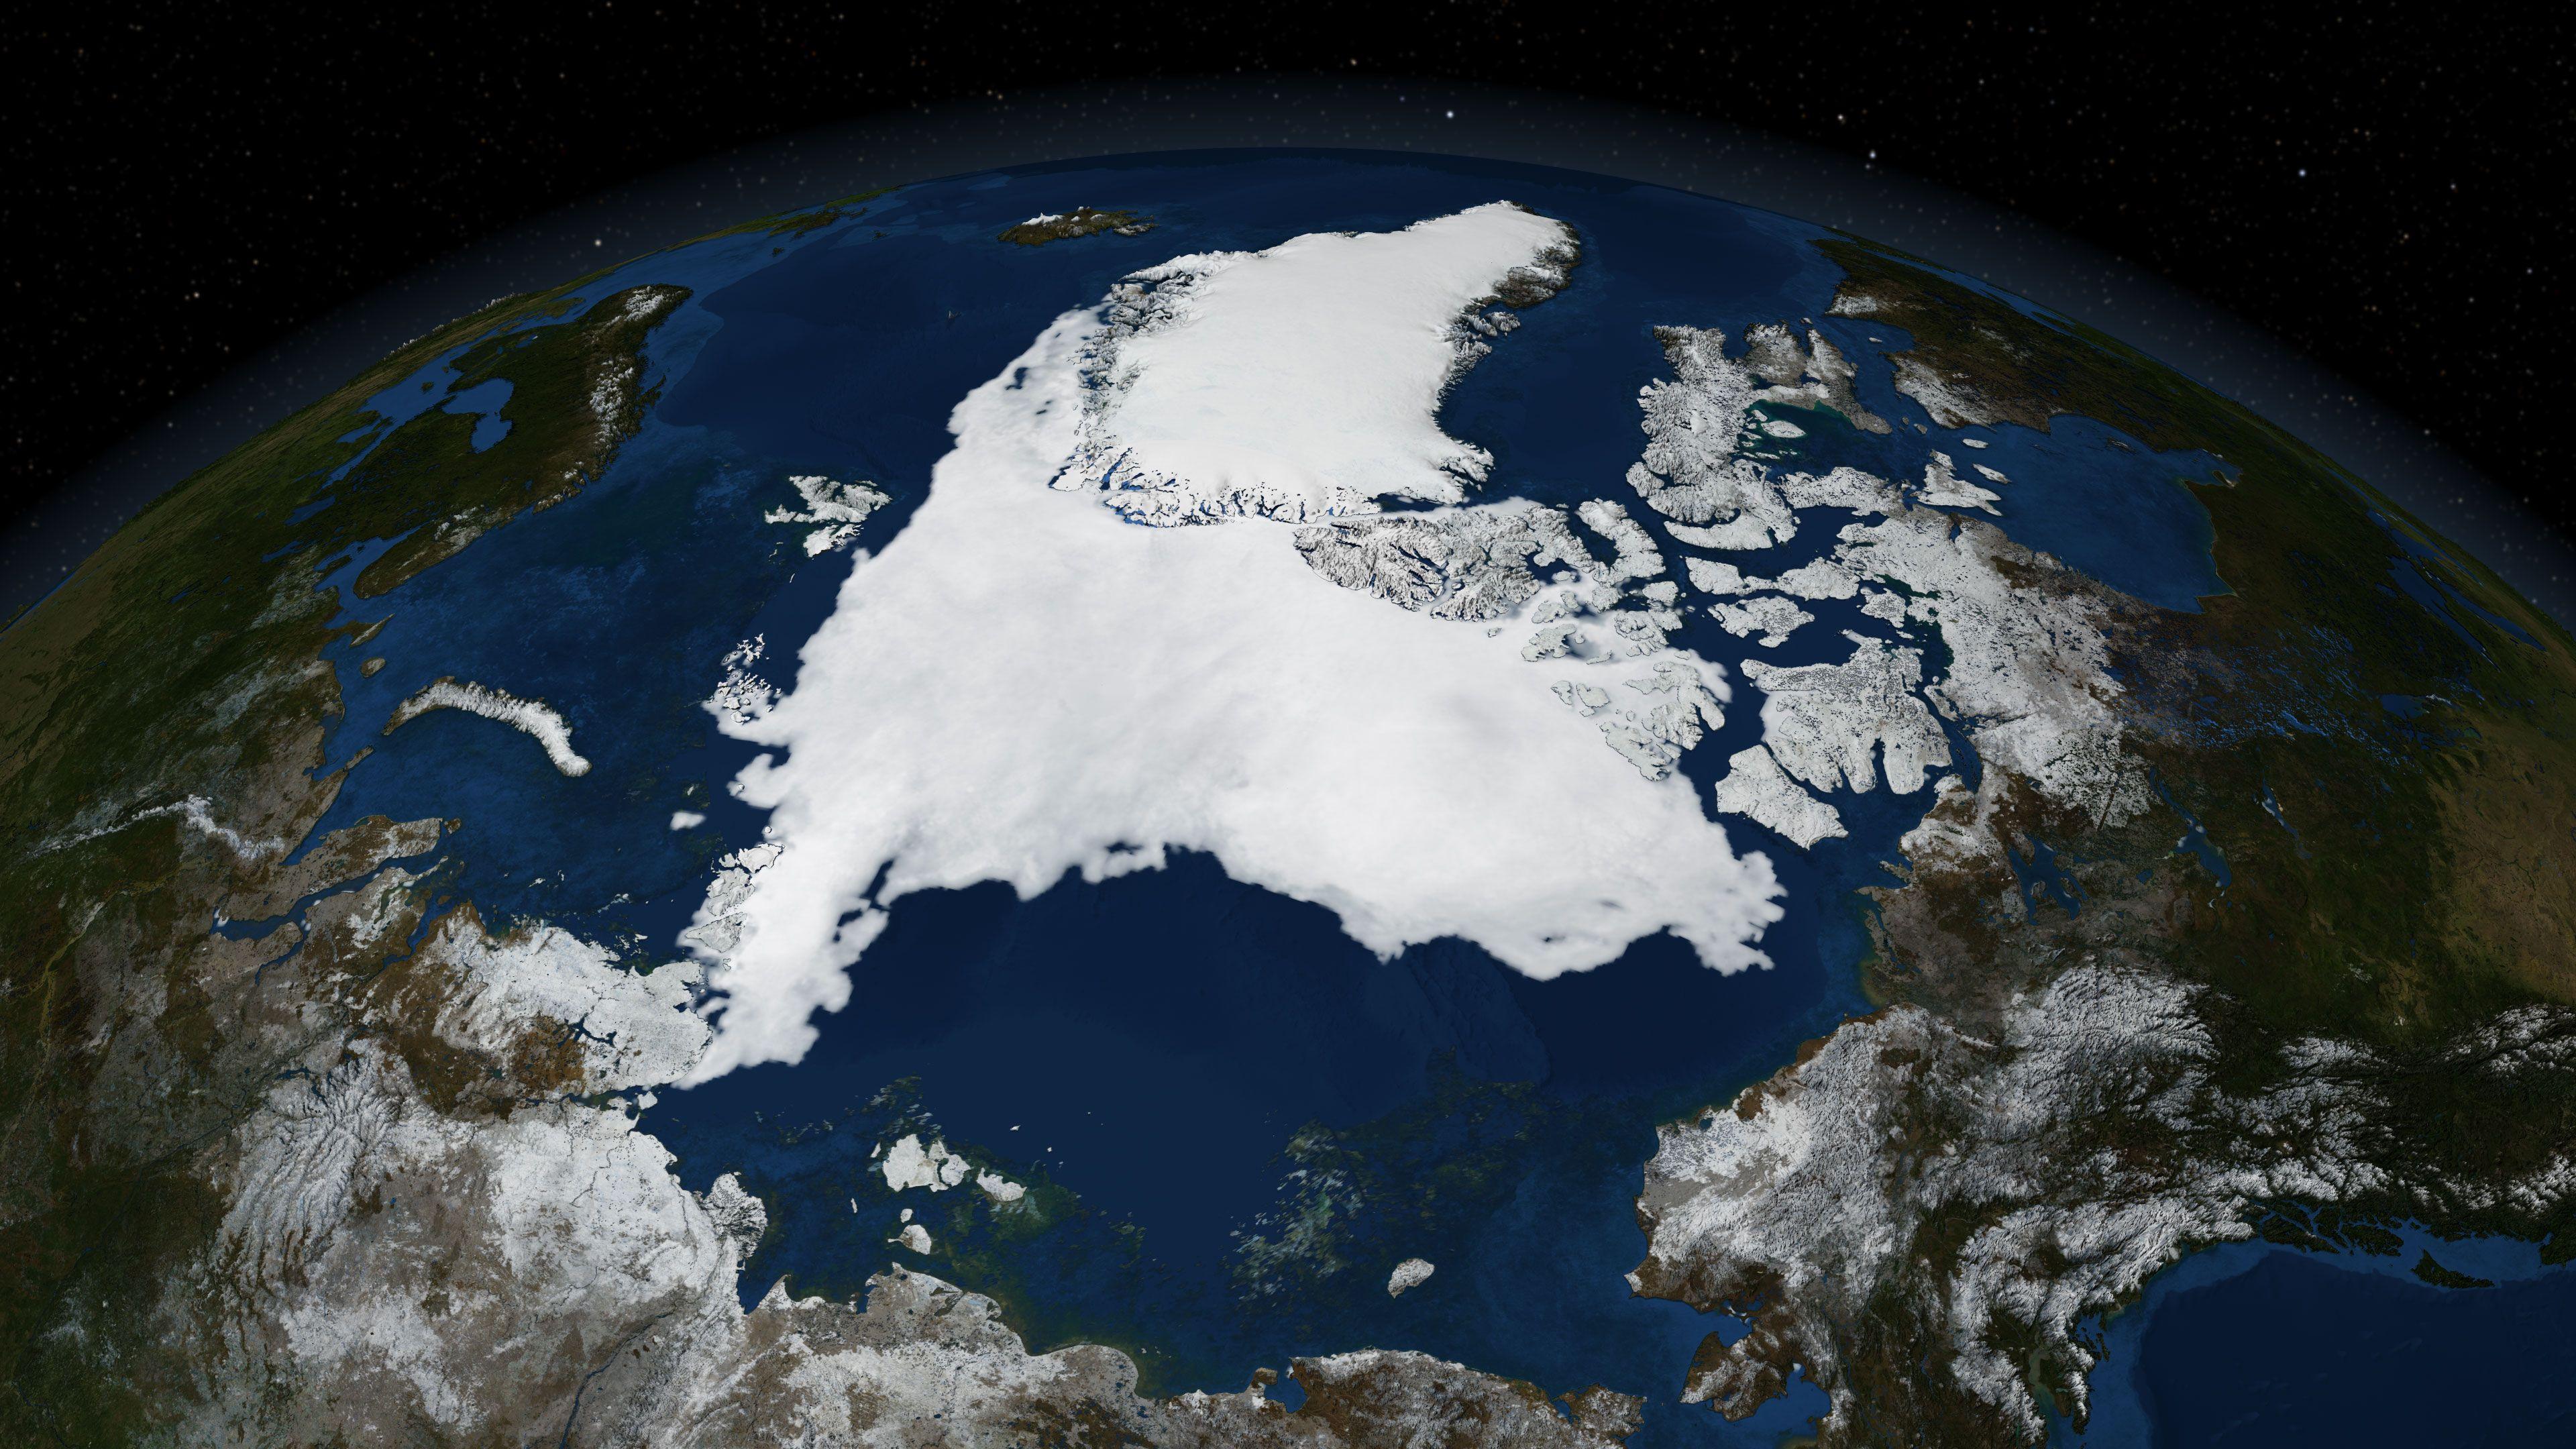 Hình nền trái đất 4K đẹp nhất